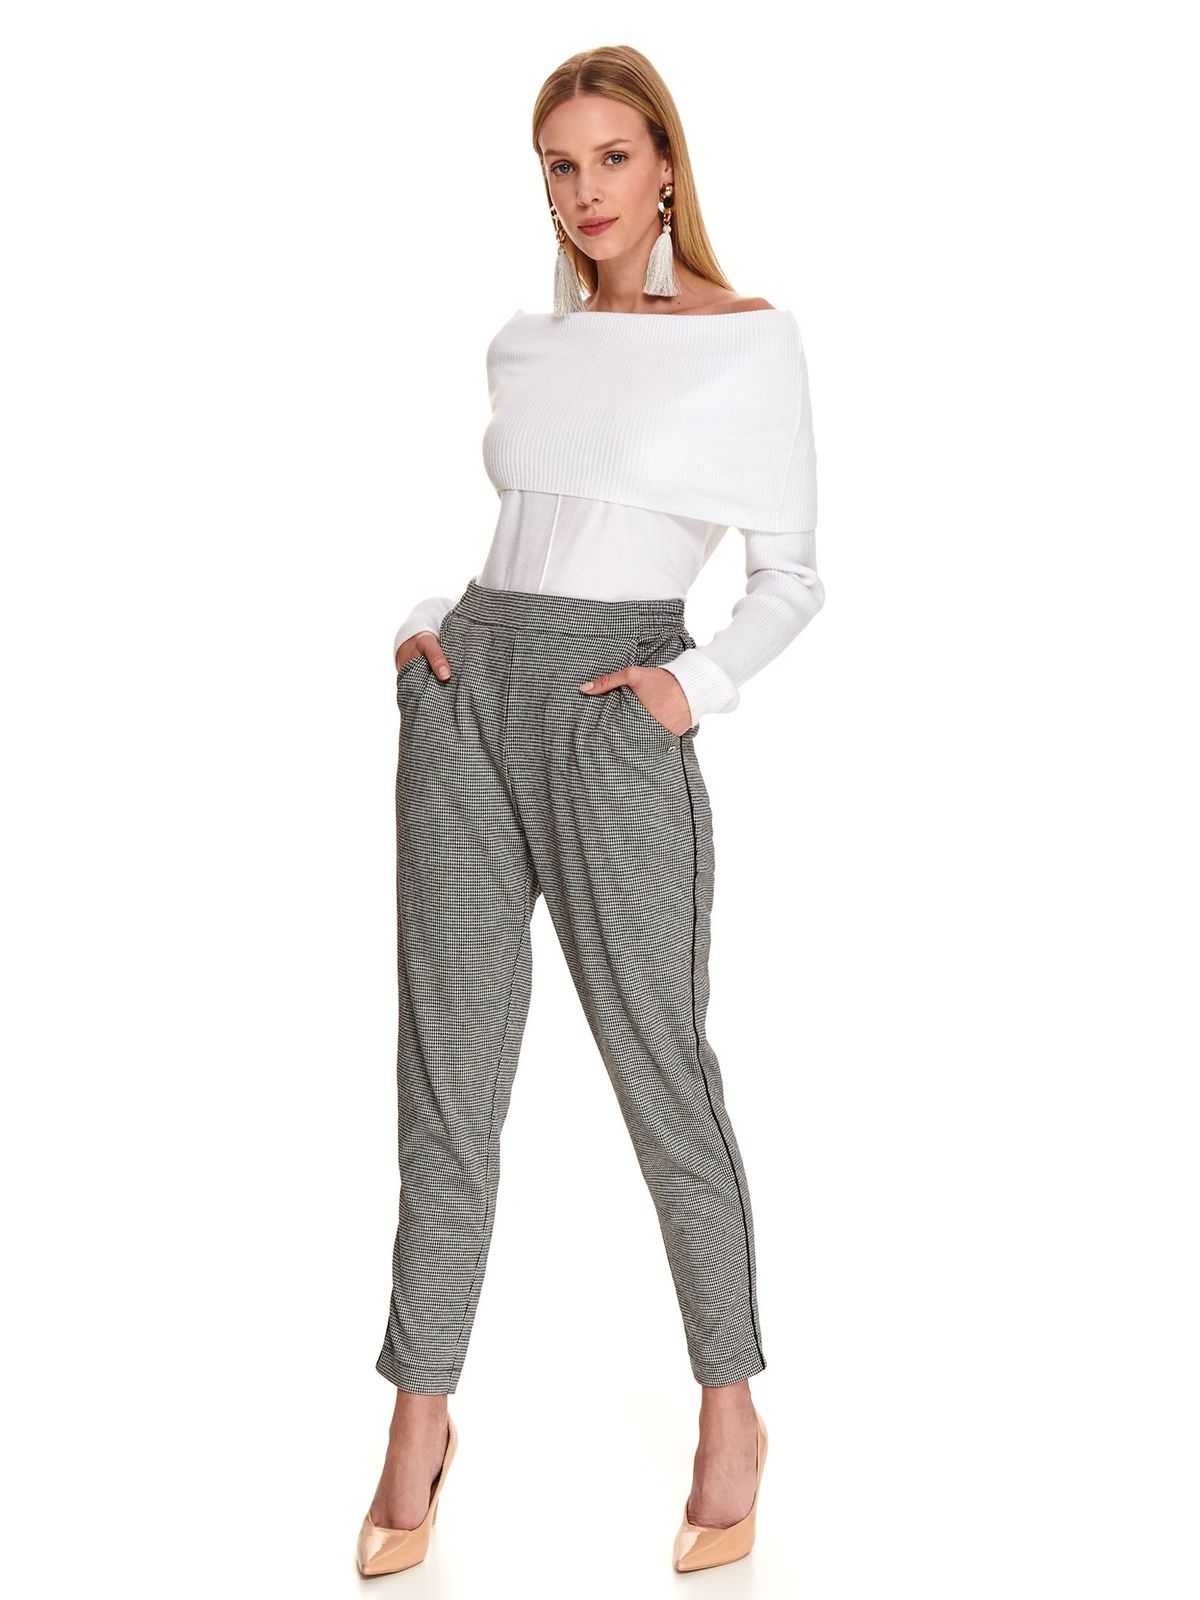 Fehér casual szűk szabású pulóver hosszú ujjakkal vékony anyagból